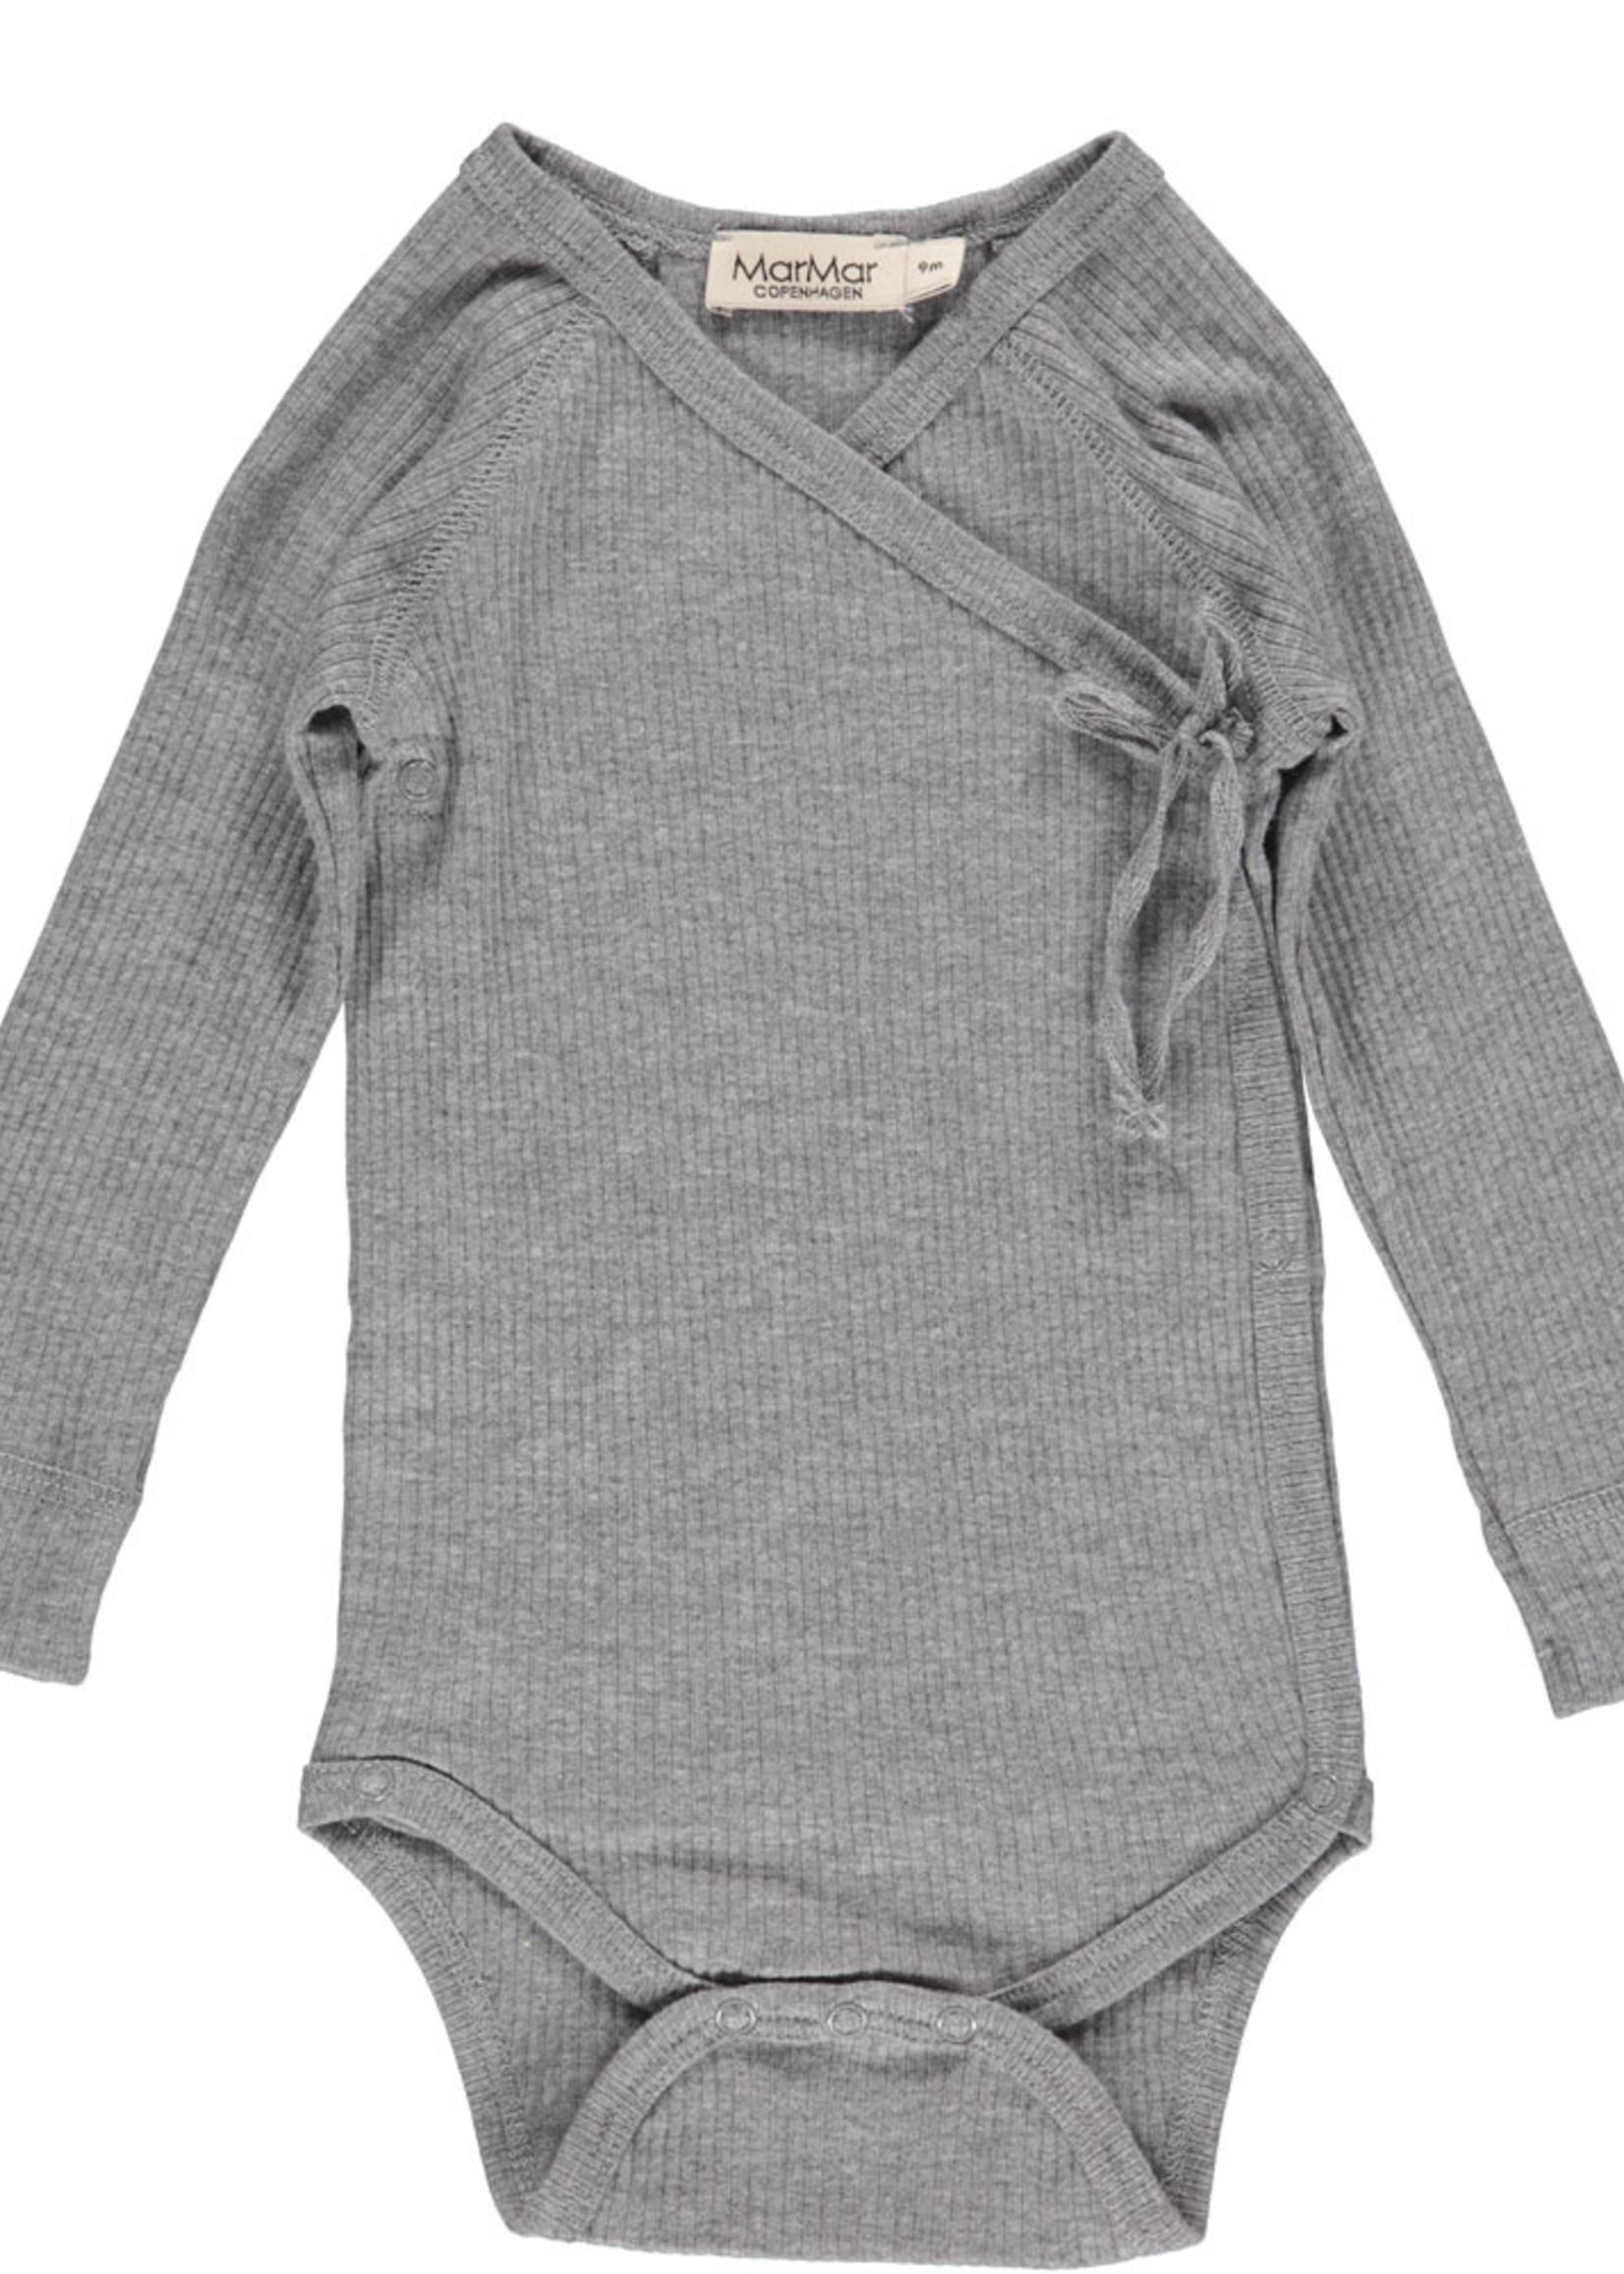 MarMar MarMar - Body Mini LS - Grey Melange